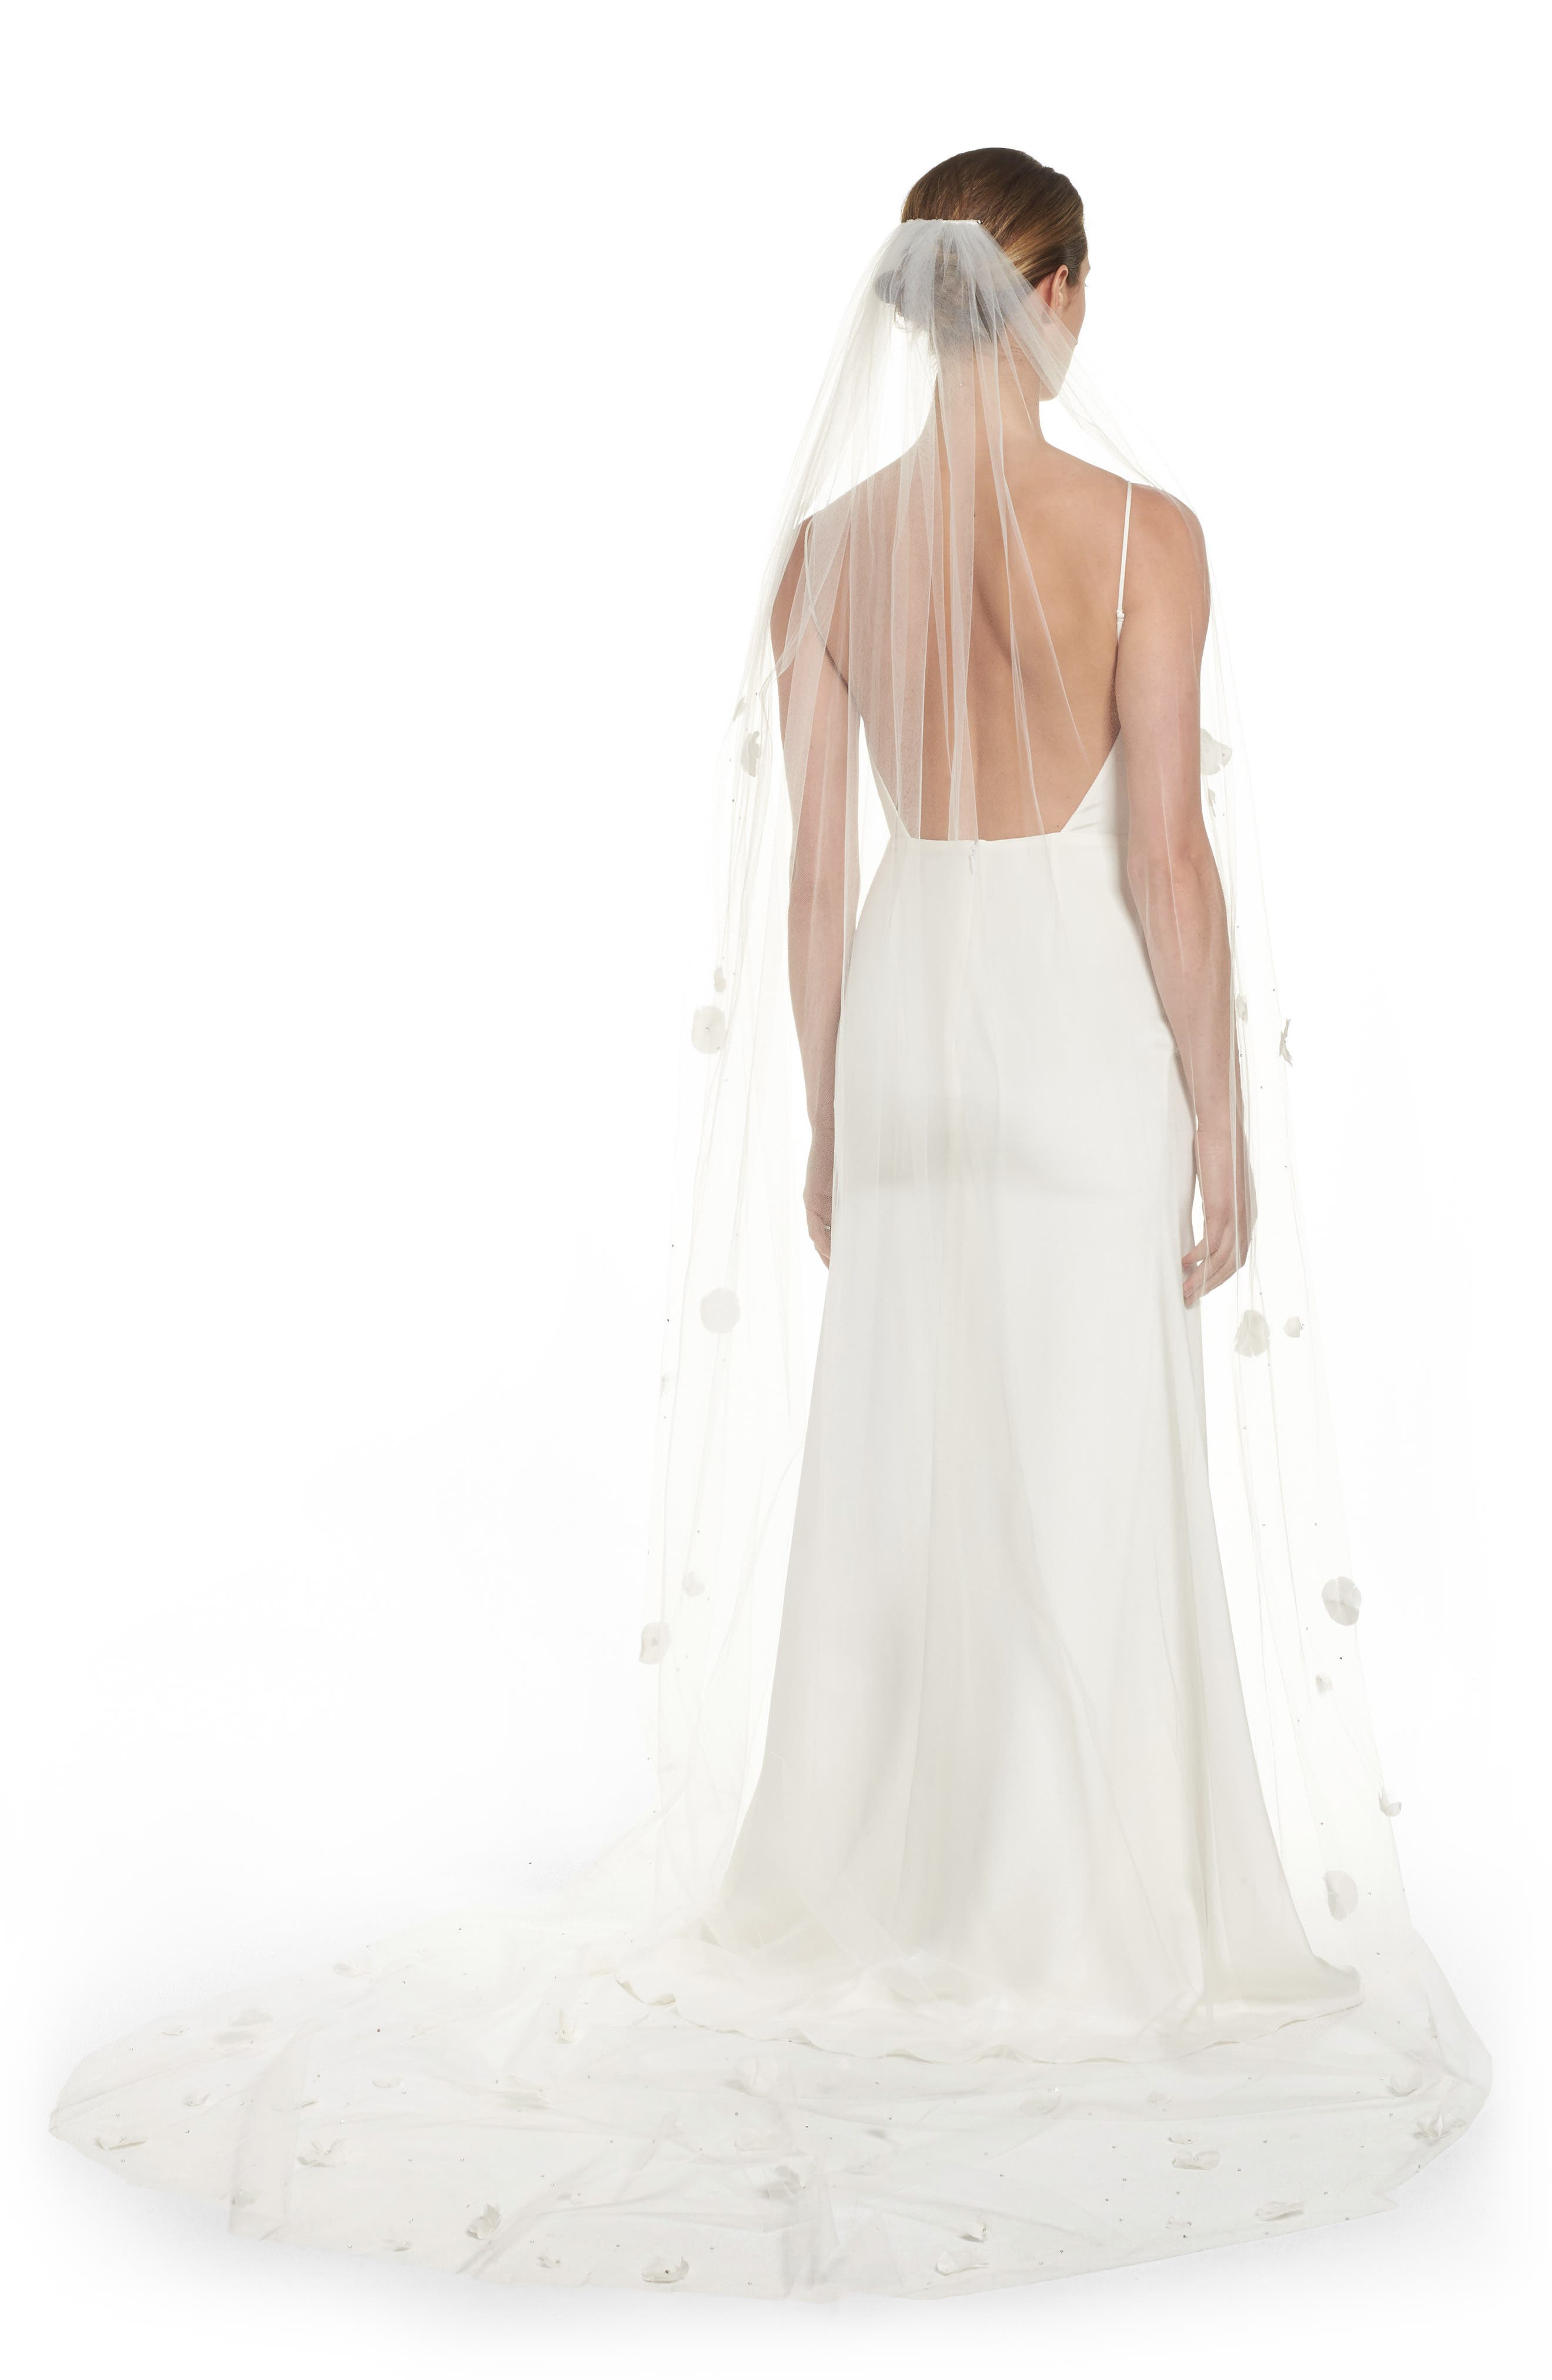 Fleet Embellished Bridal Veil,                         Main,                         color, Light Ivory